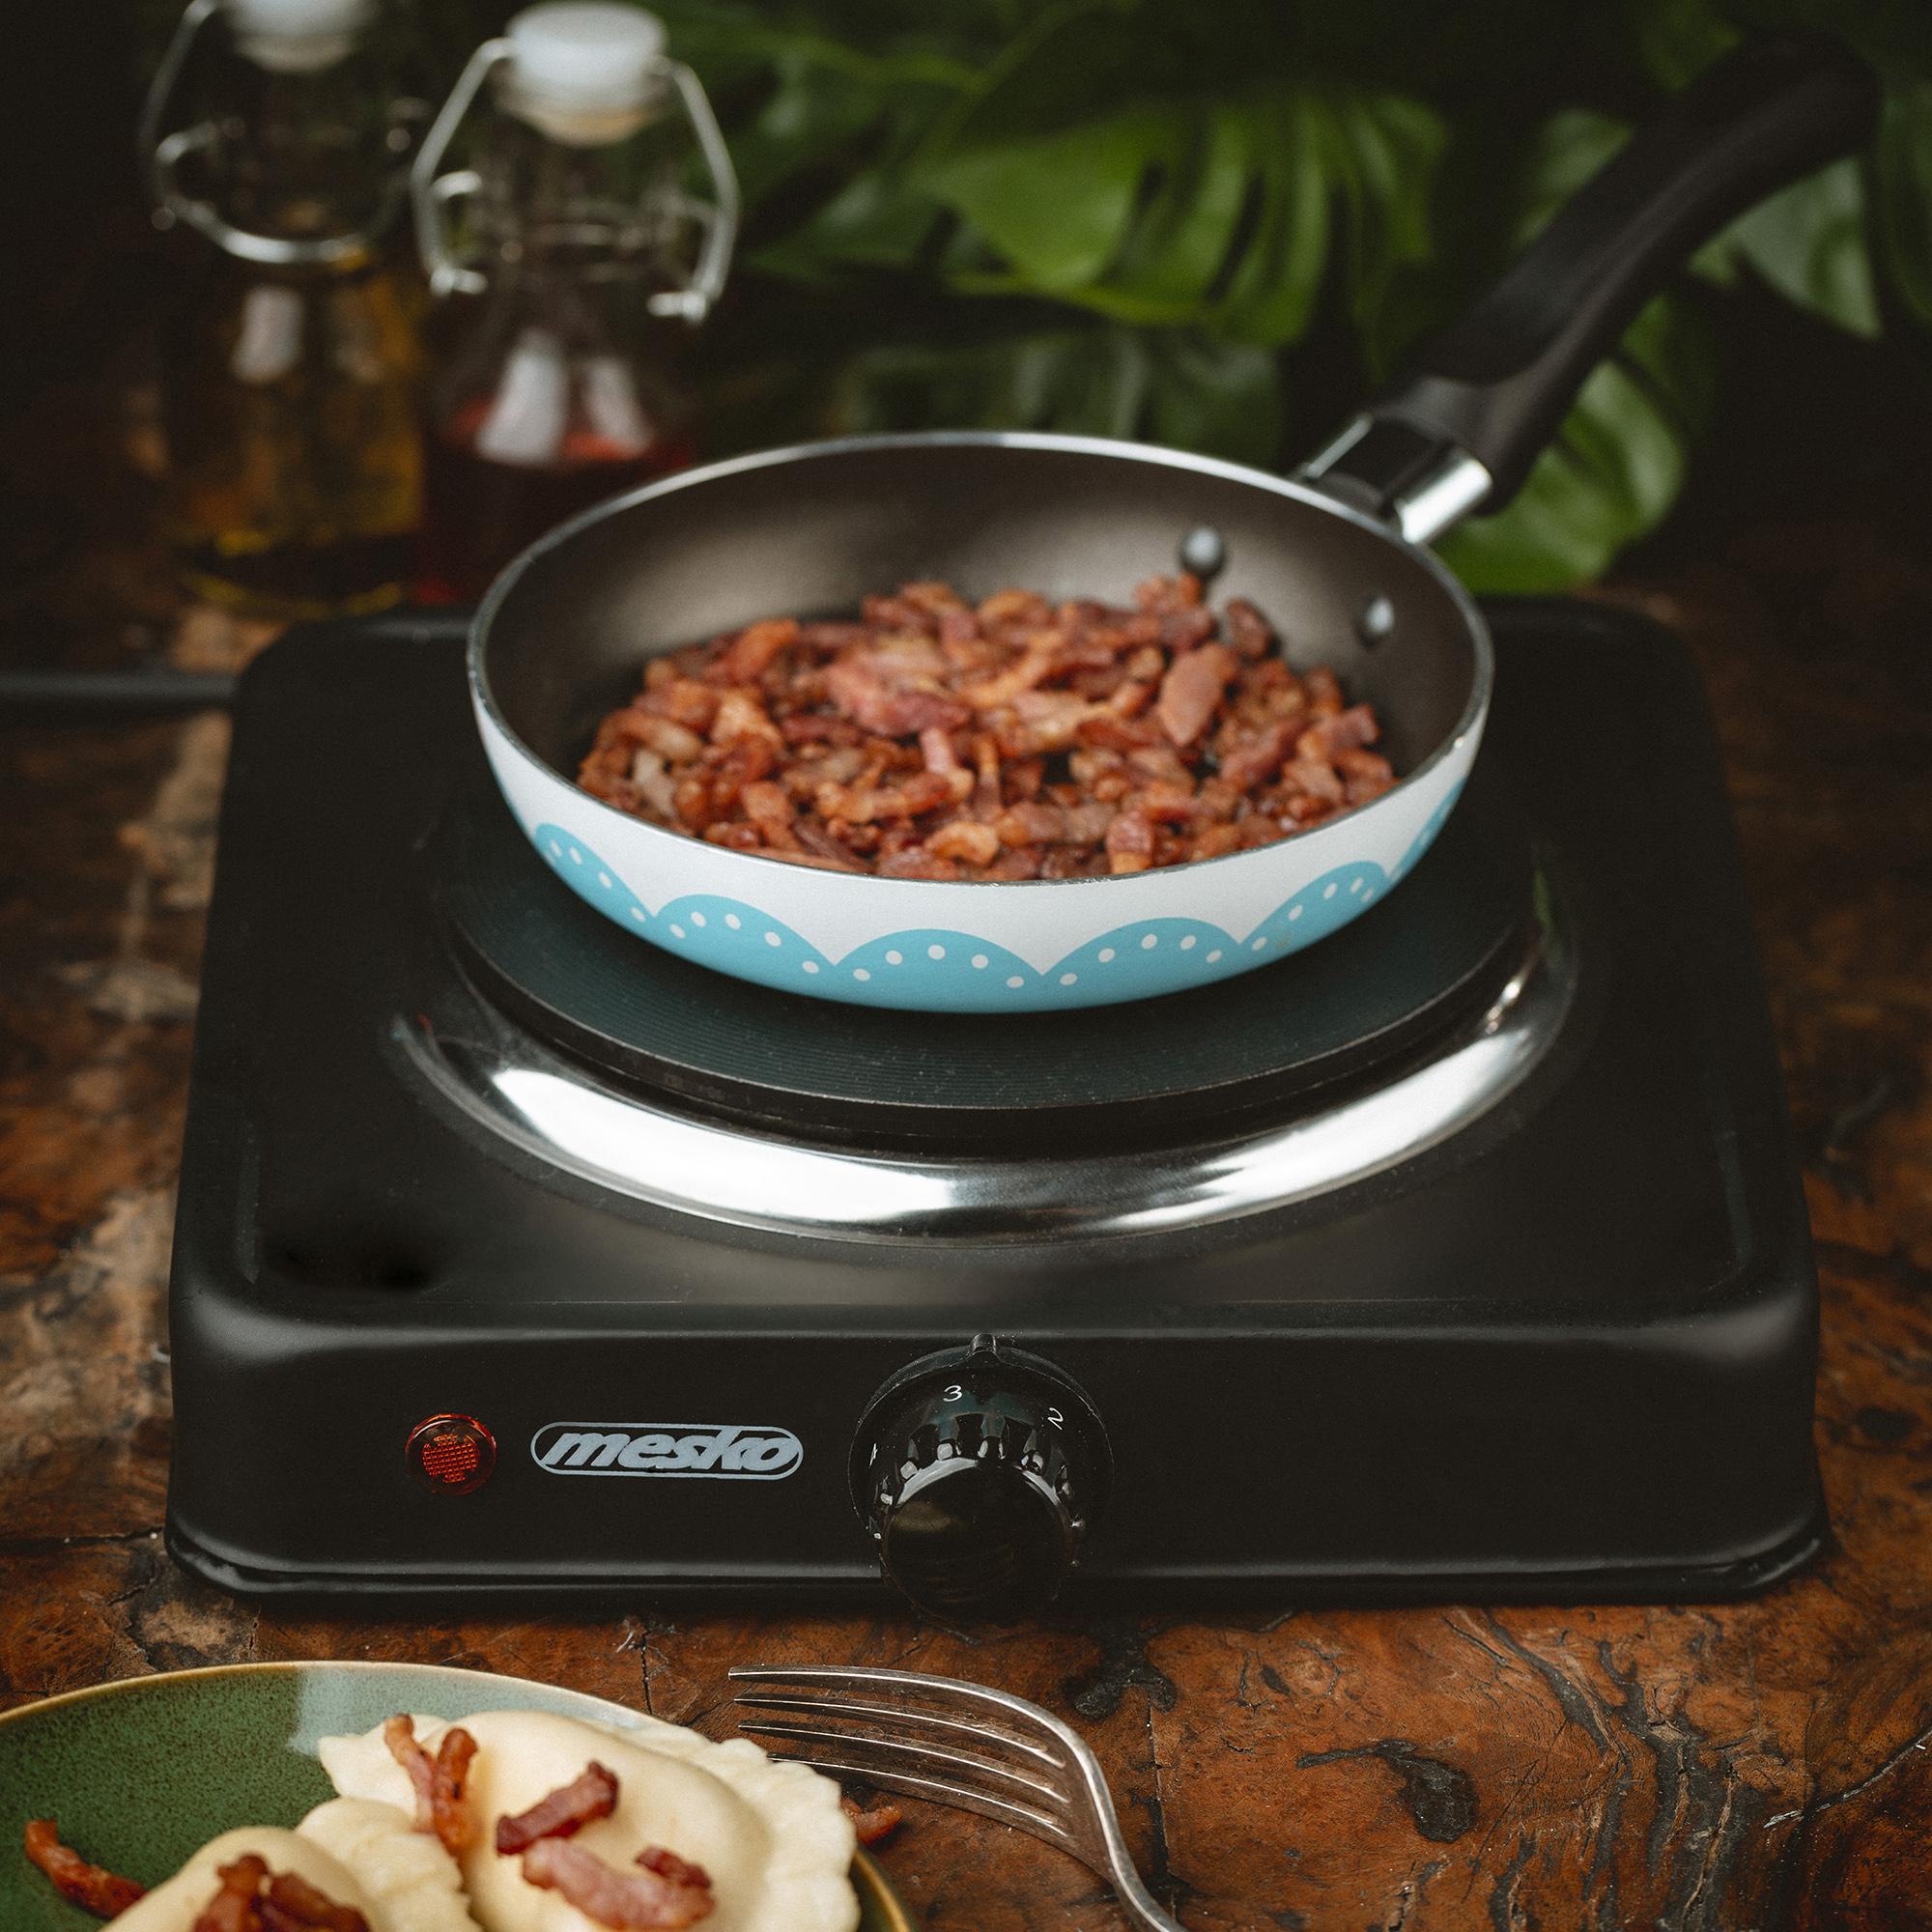 MESKO MS-6508 Hornillo Eléctrico, Regulador de Temperatura, Compacto, Viaje, Camping 154 mm, 1000W, Negro